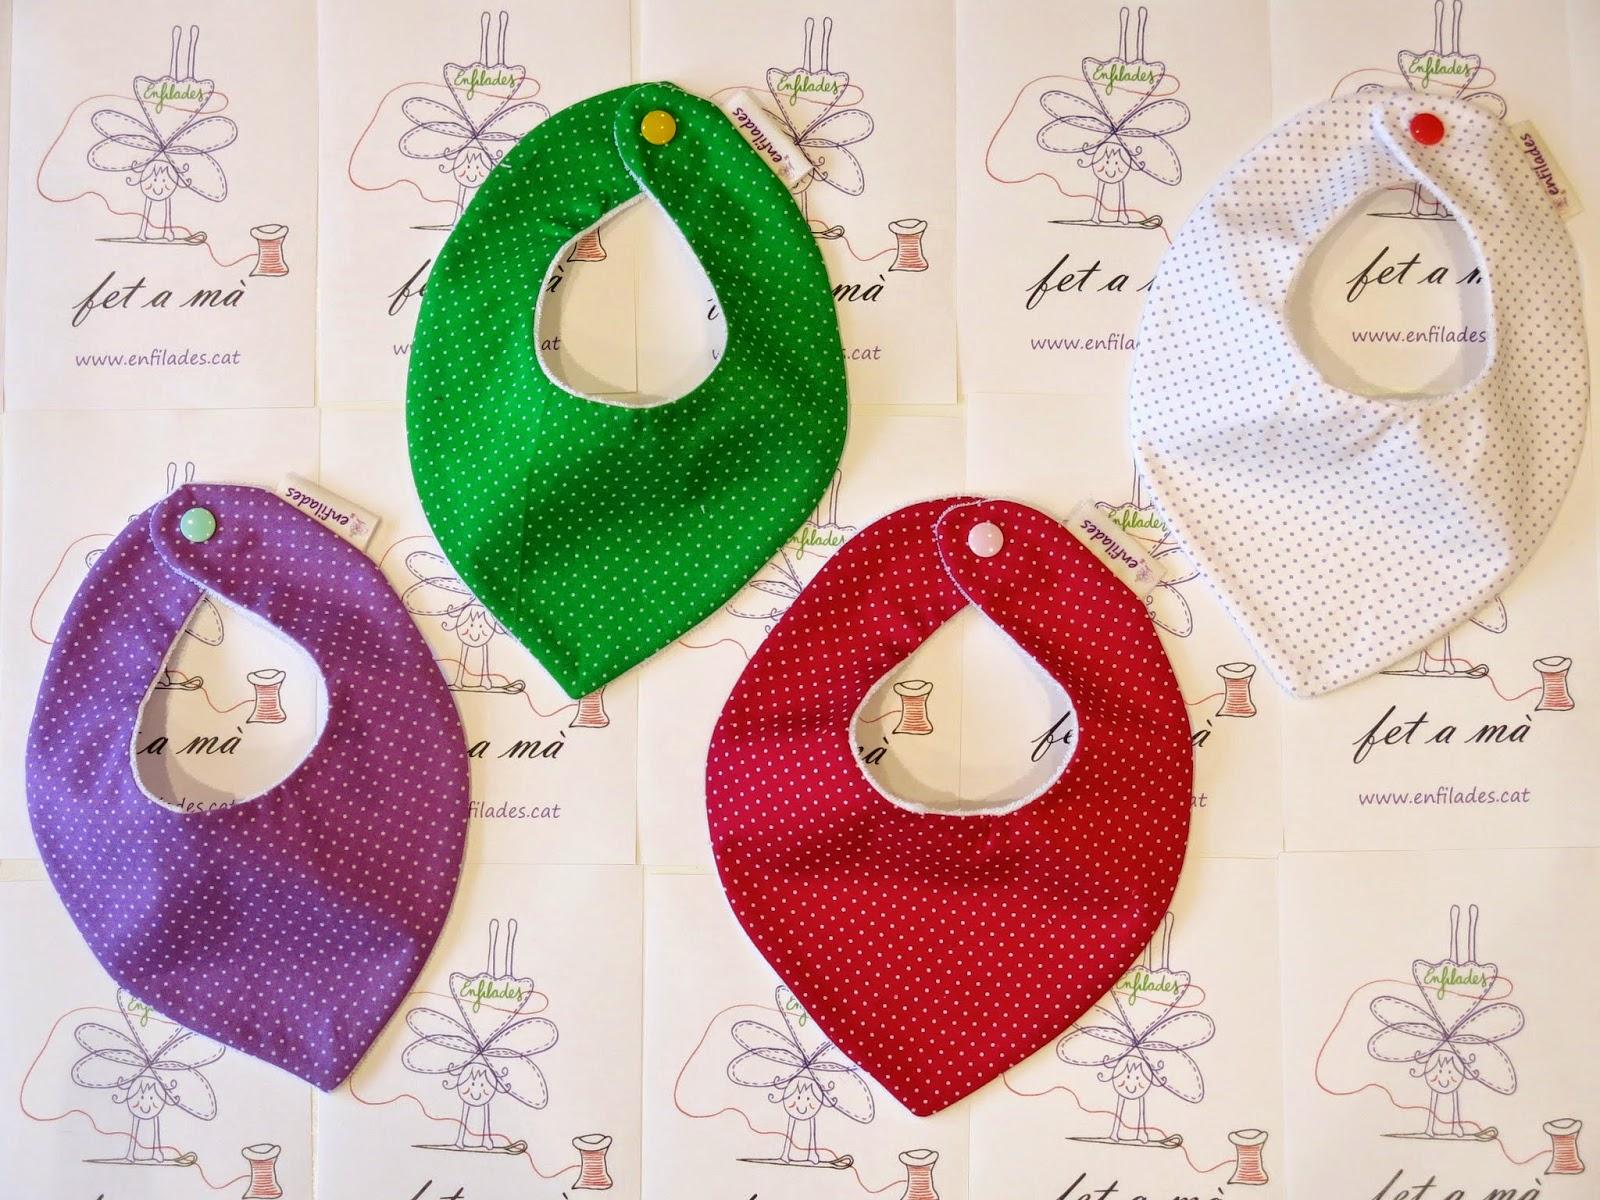 Bandana Puntets de colors per nadons 3 a 6 mesos - enfilades.cat